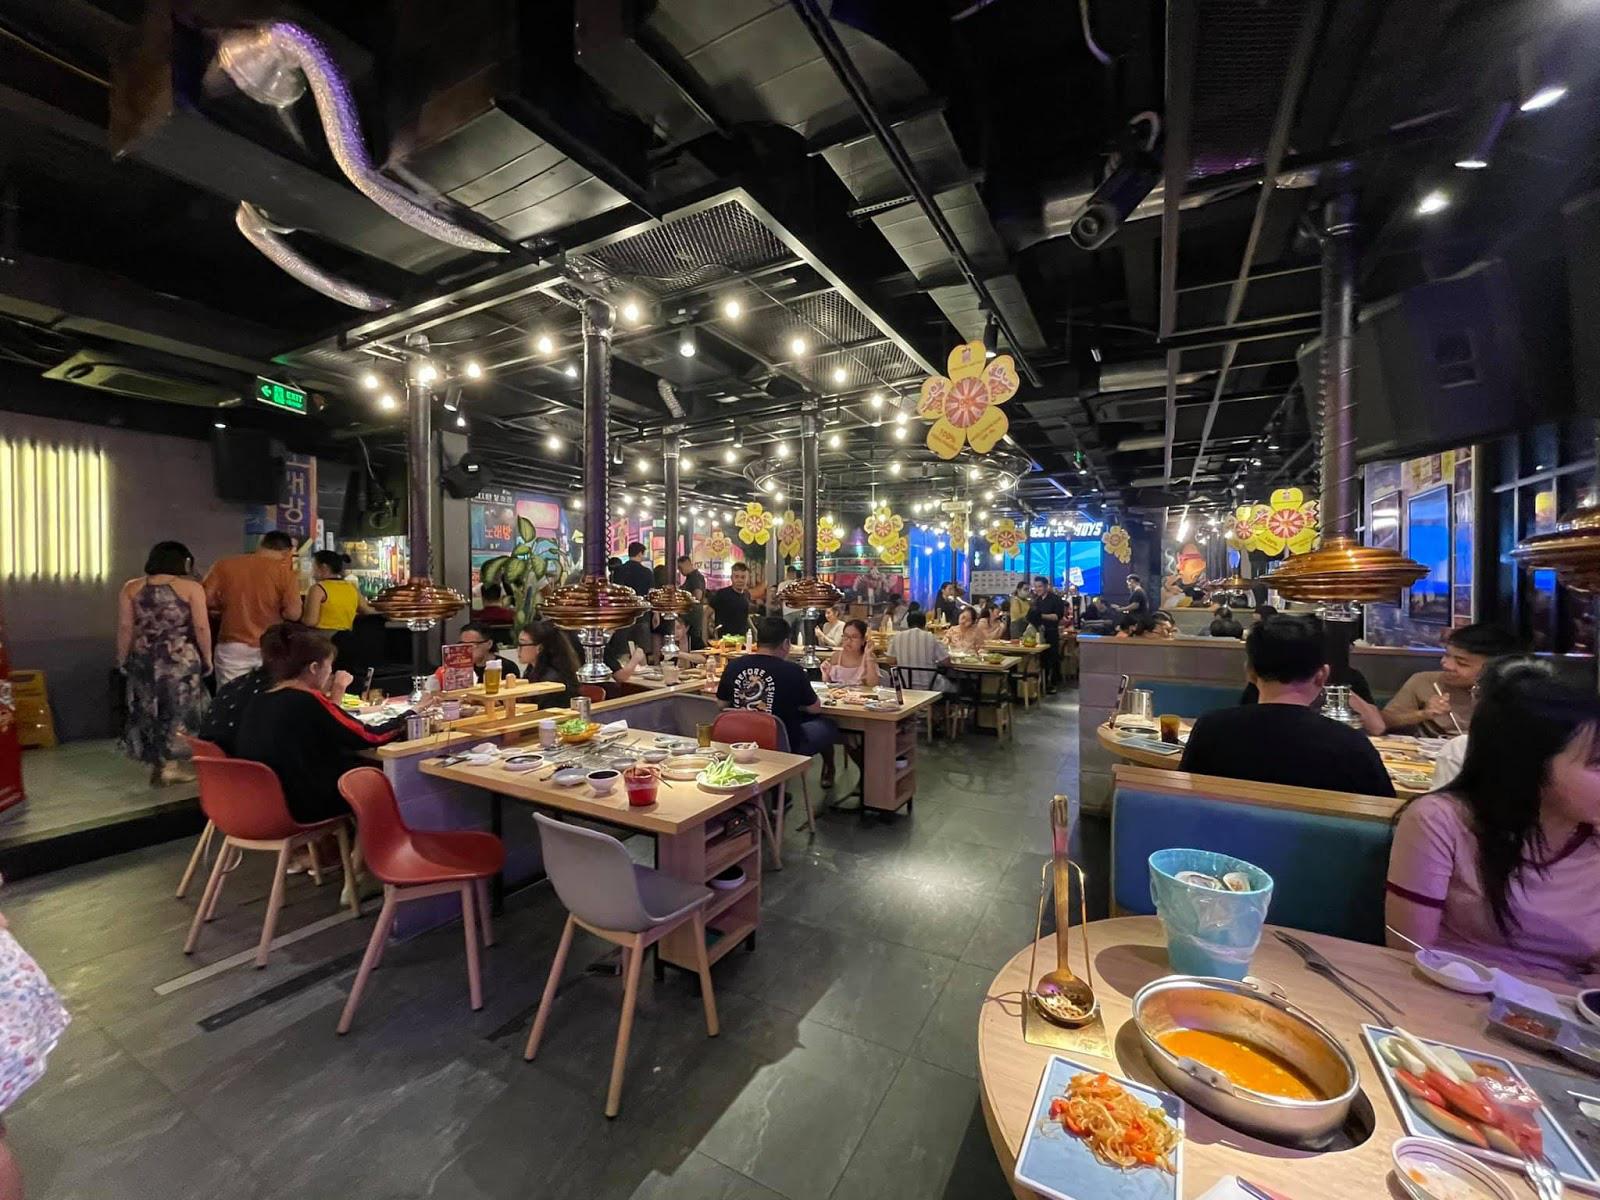 Giới trẻ phát sốt lùng sục check-in không gian Itaewon tại Urban BBQ Sài thành với phần thưởng lên tới 5 triệu đồng - Ảnh 3.